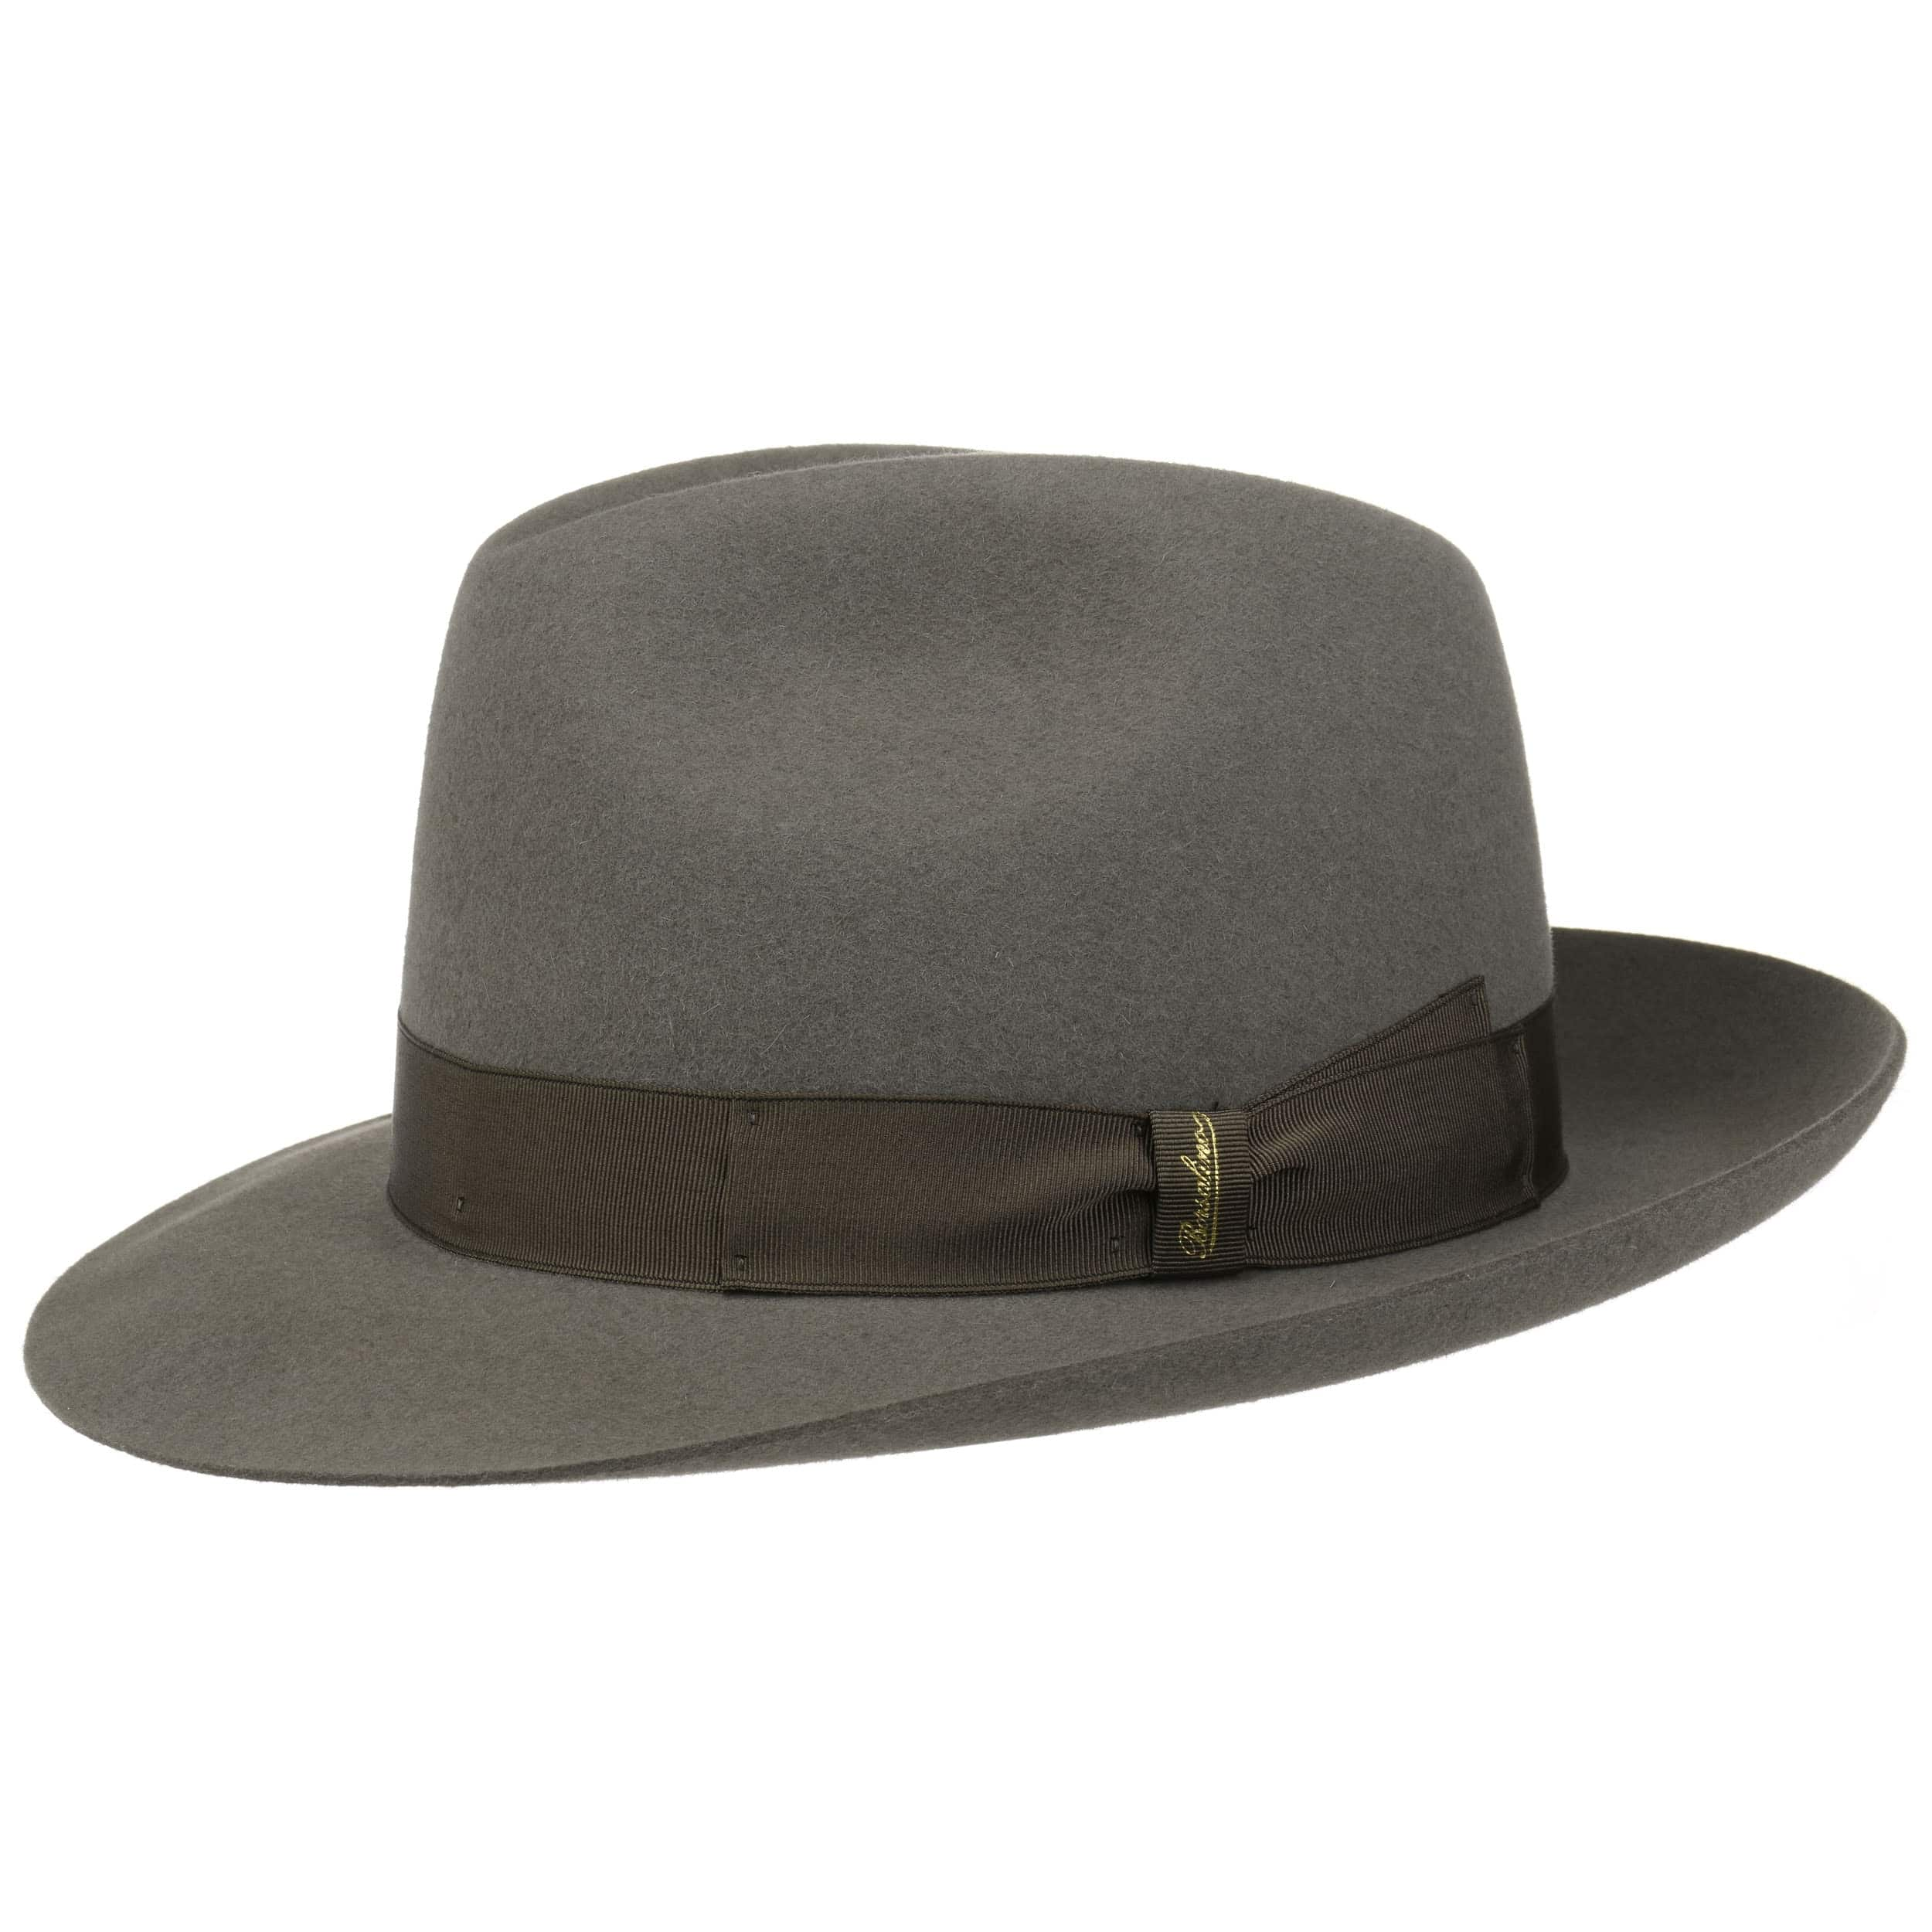 ... Cappello Bogart Marengo by Borsalino - grigio 5 ... 3f3fa790e267